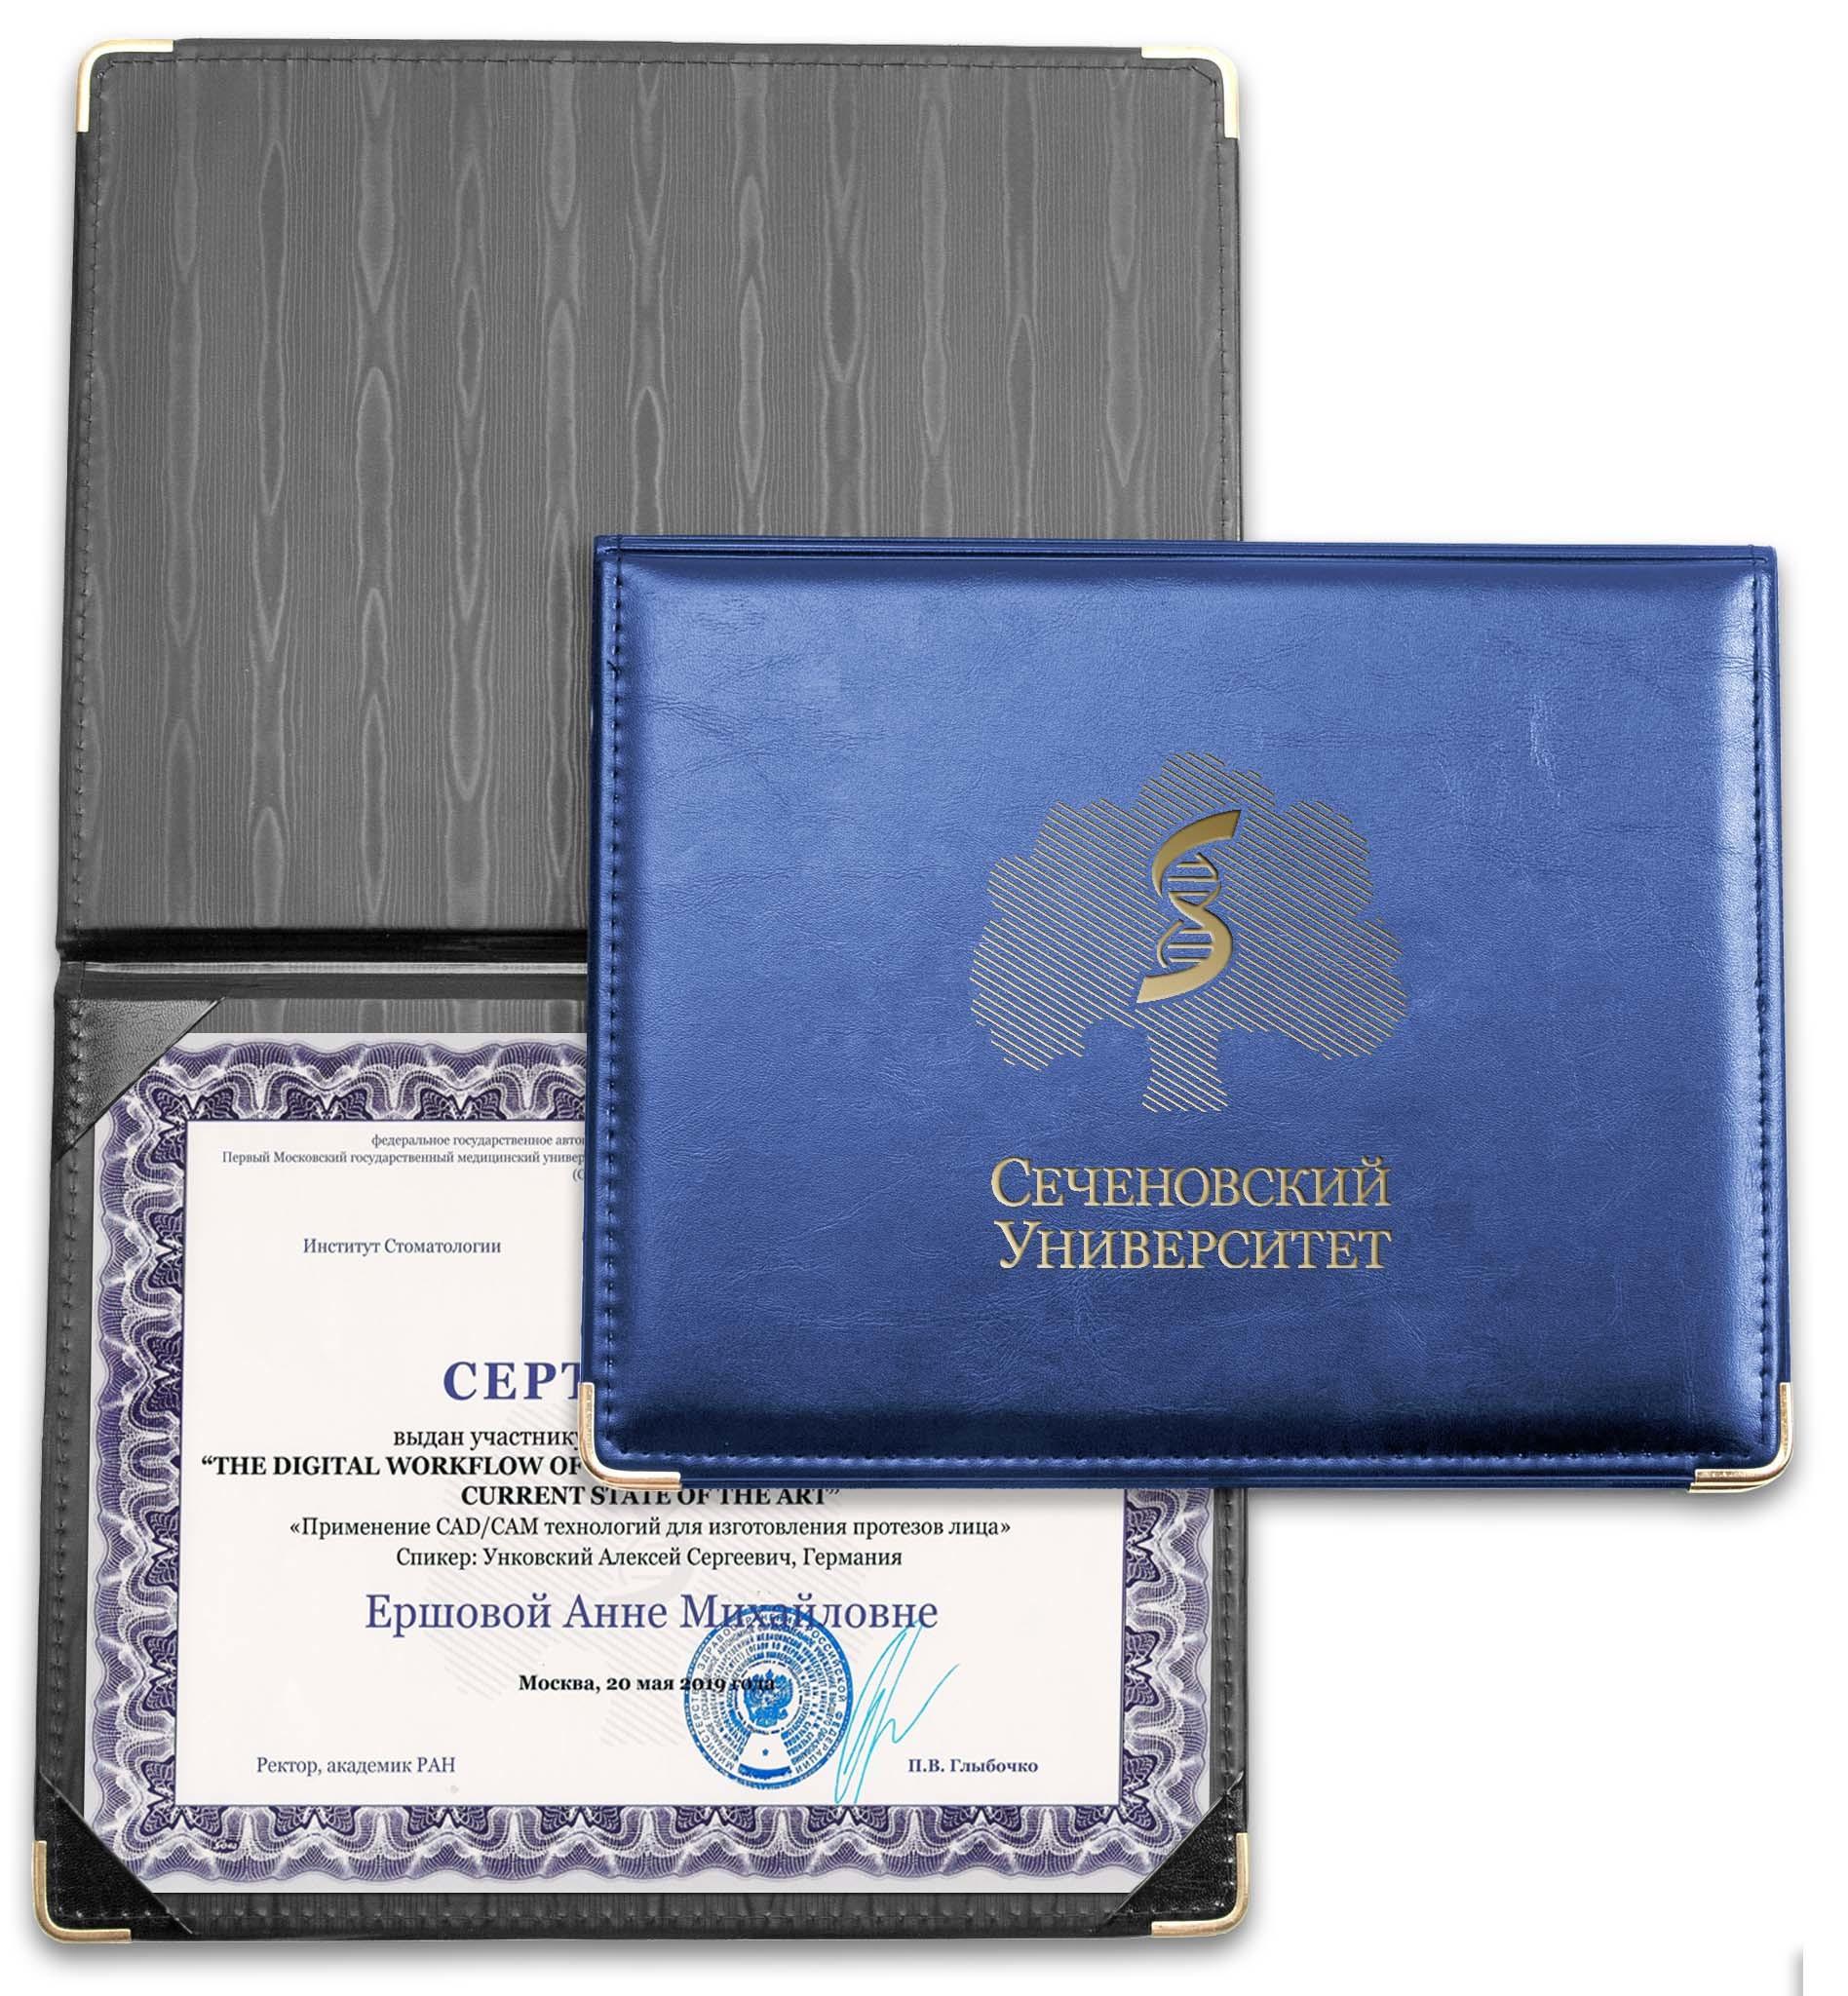 Папка обложка «Премиум» для сертификата. Эко кожа черного цвета, блинтовое тиснение